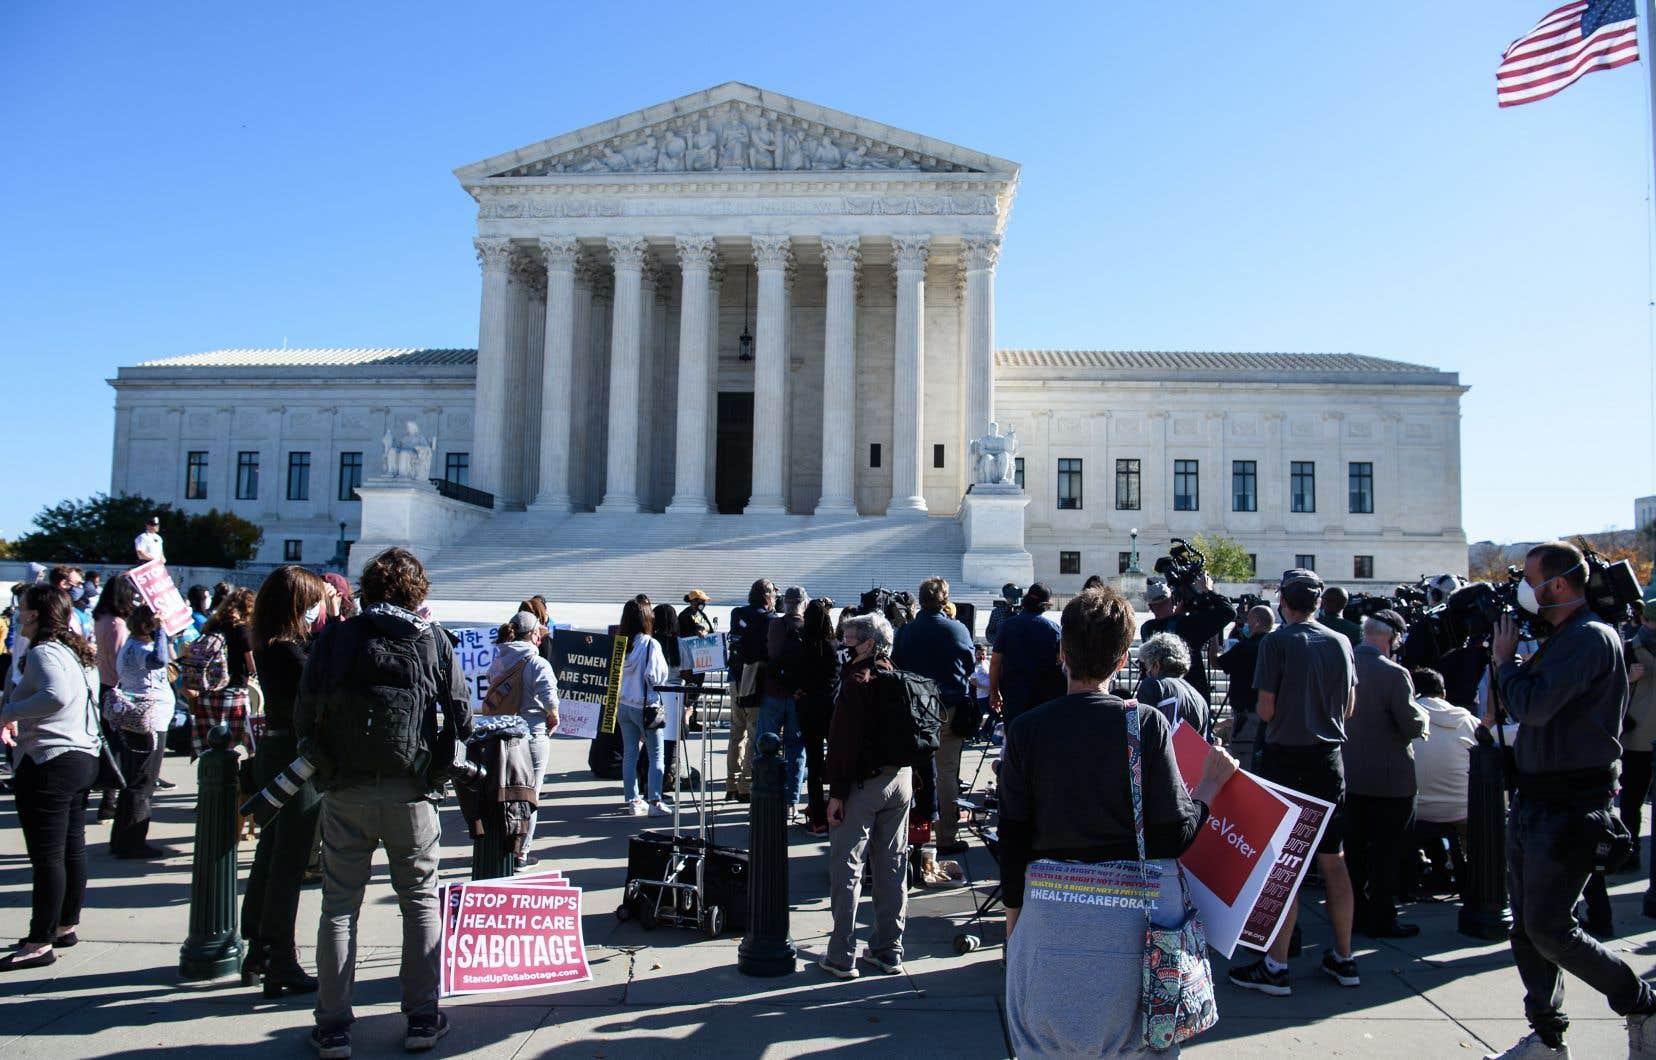 Mardi matin, des manifestants se sont rassemblés devant la Cour à Washington pour lui demander de préserver la couverture maladie prévue par l'Affordable Care Act.